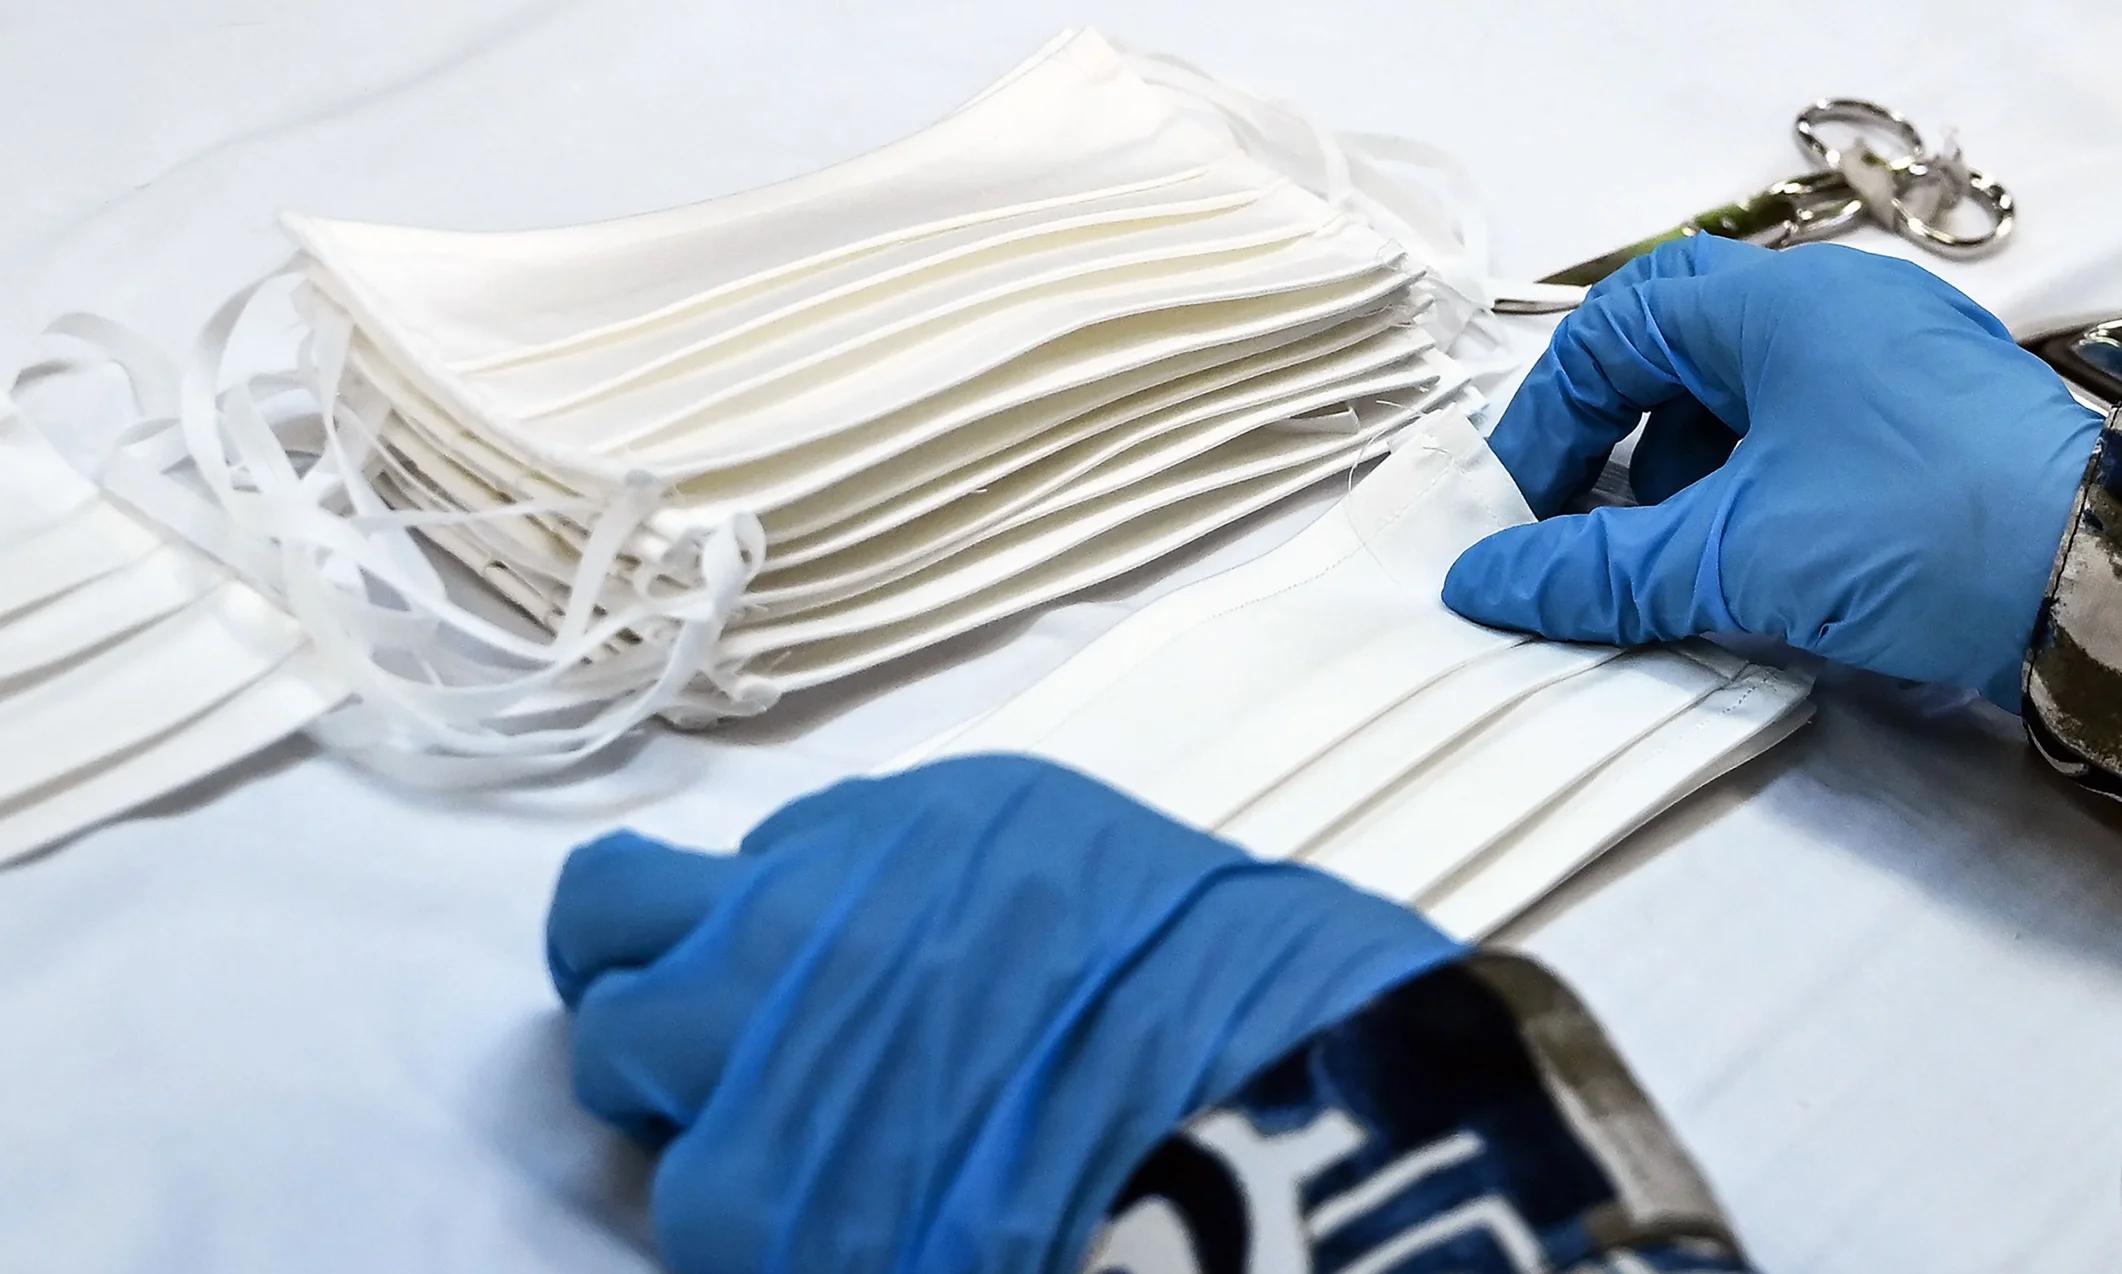 ASAE apreende mais de 3,4 milhões de máscaras em Guimarães e outros sete concelhos